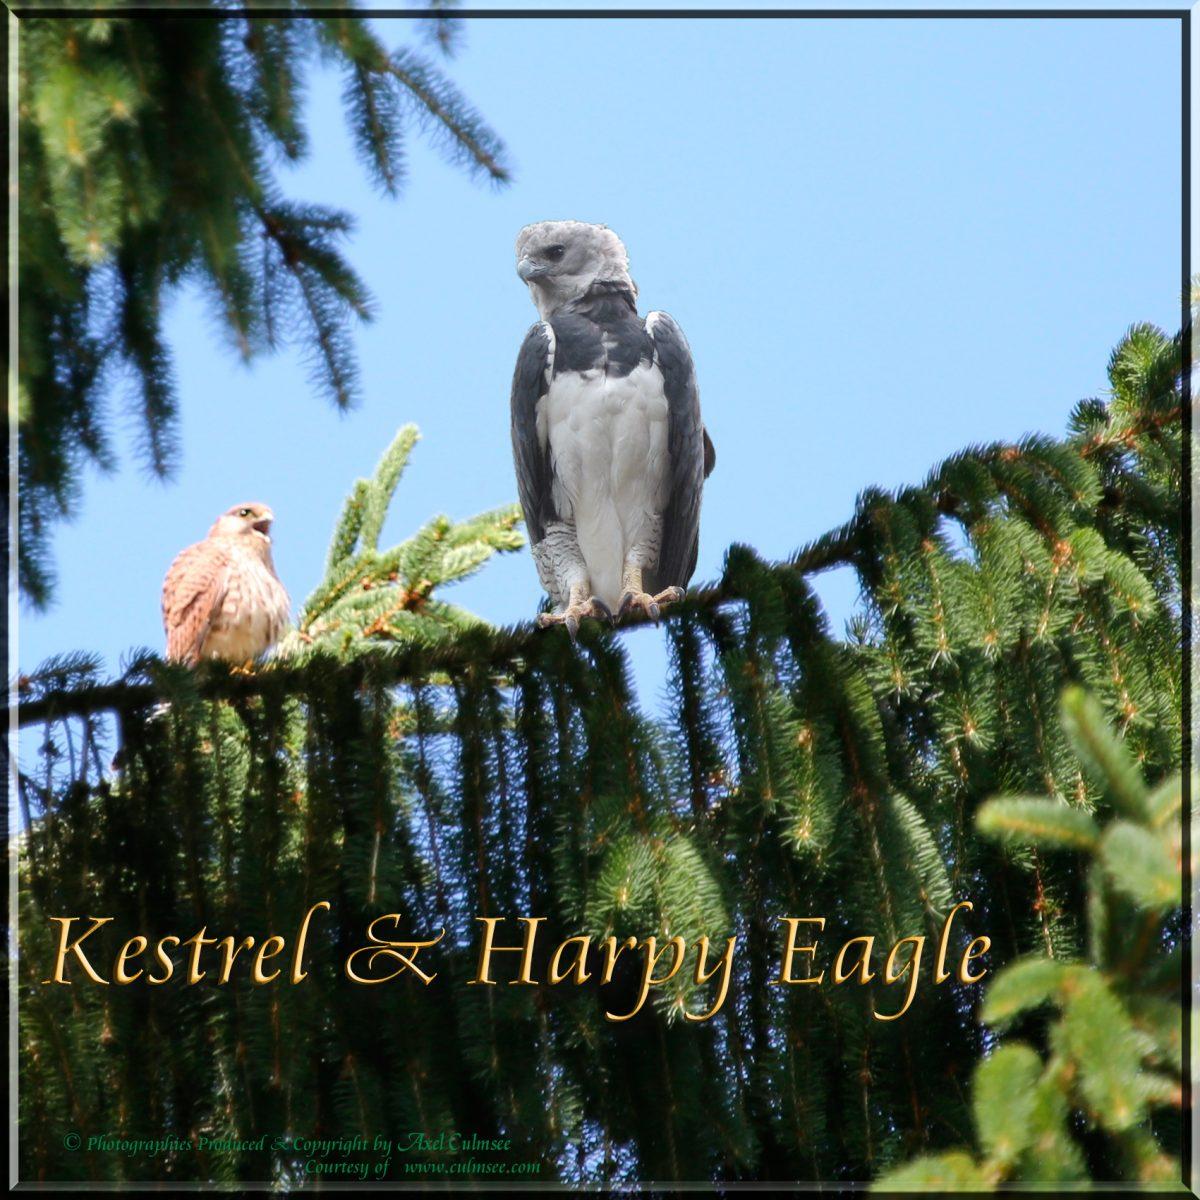 Harpy Eagle meets Kestrel